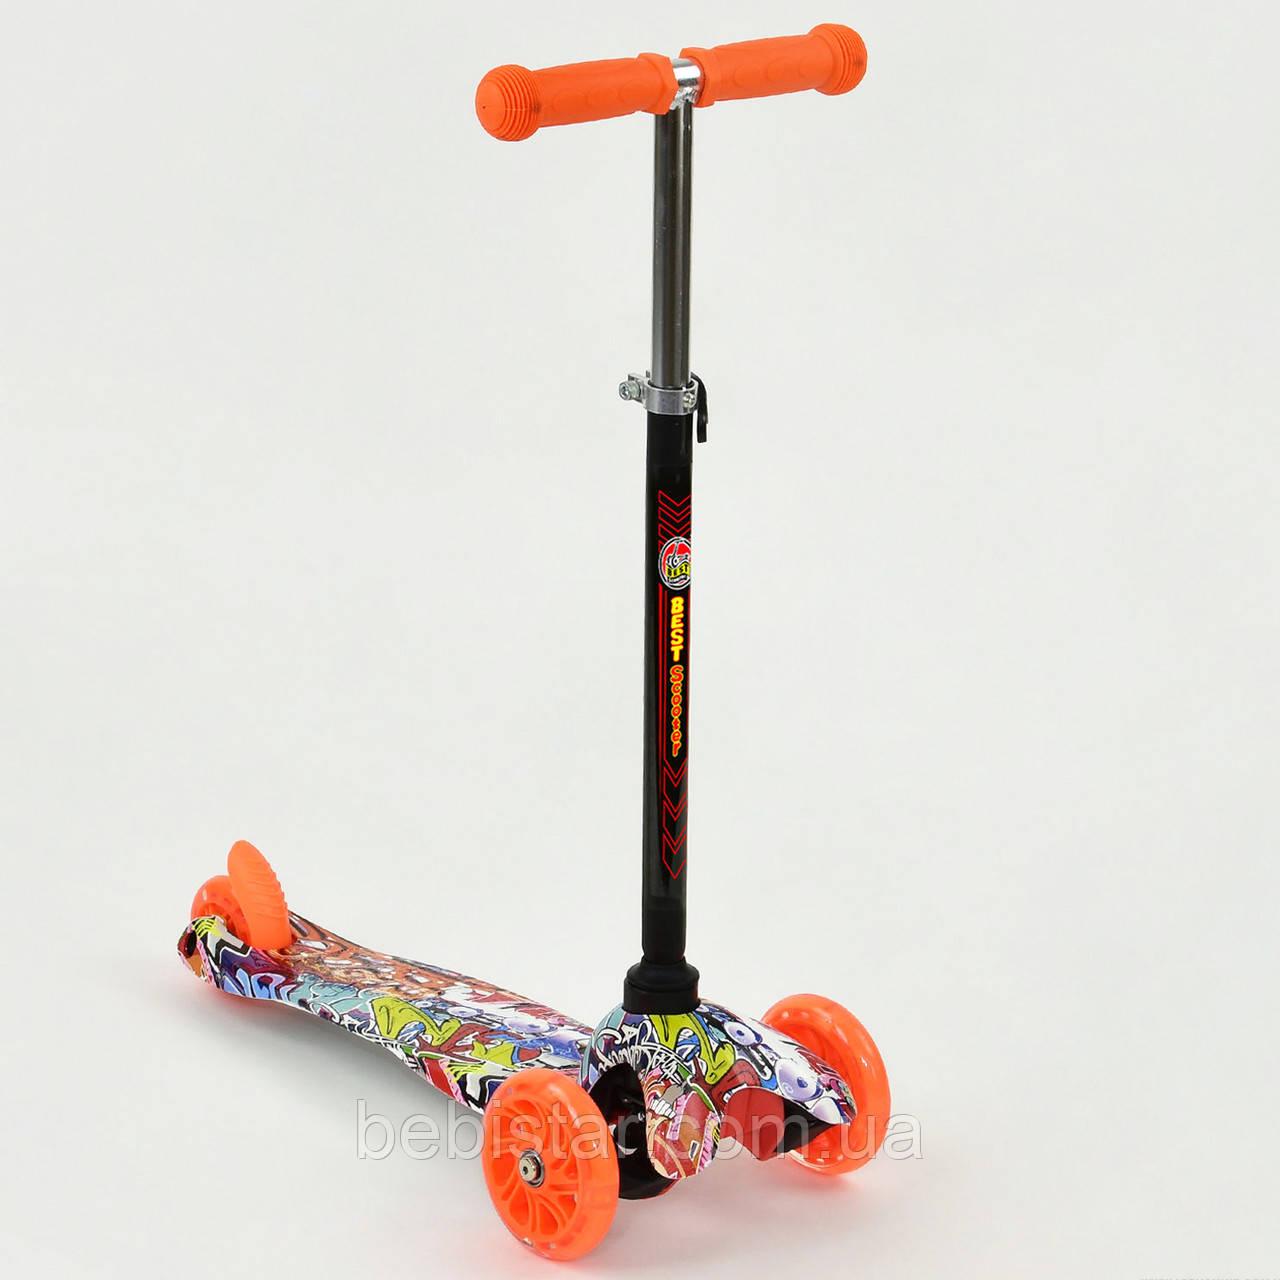 Самокат детский трехколесный со светящимися колесами оранжевые колеса от 2 до 5 лет